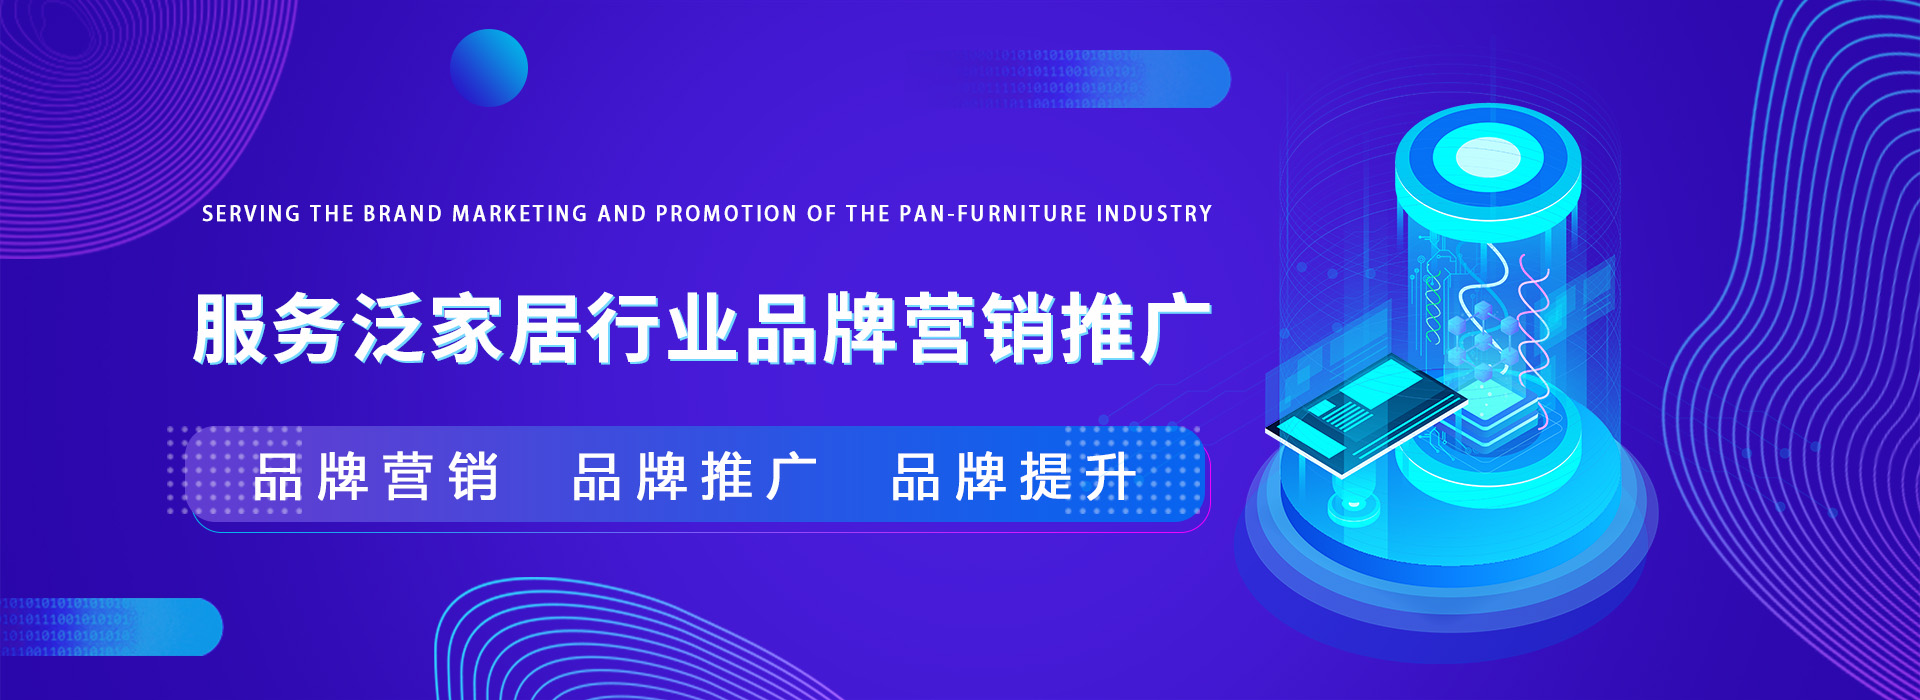 珠海电脑PC端全网整合营销推广